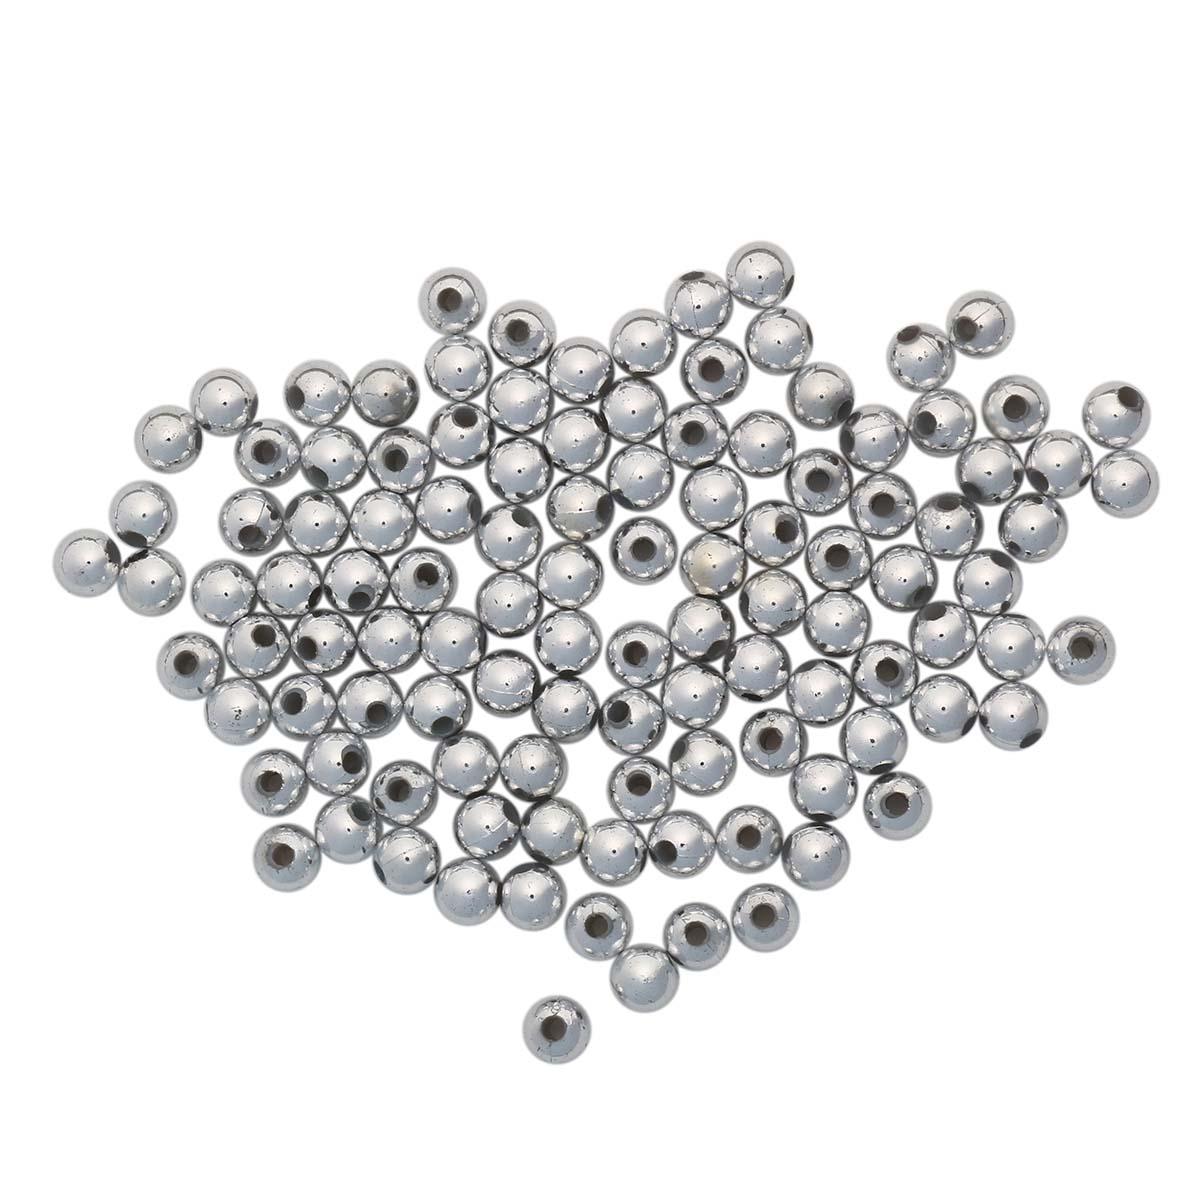 Купить Бусины металлизированные Астра пластик, 6 мм, 15г (130+/-10 шт.),